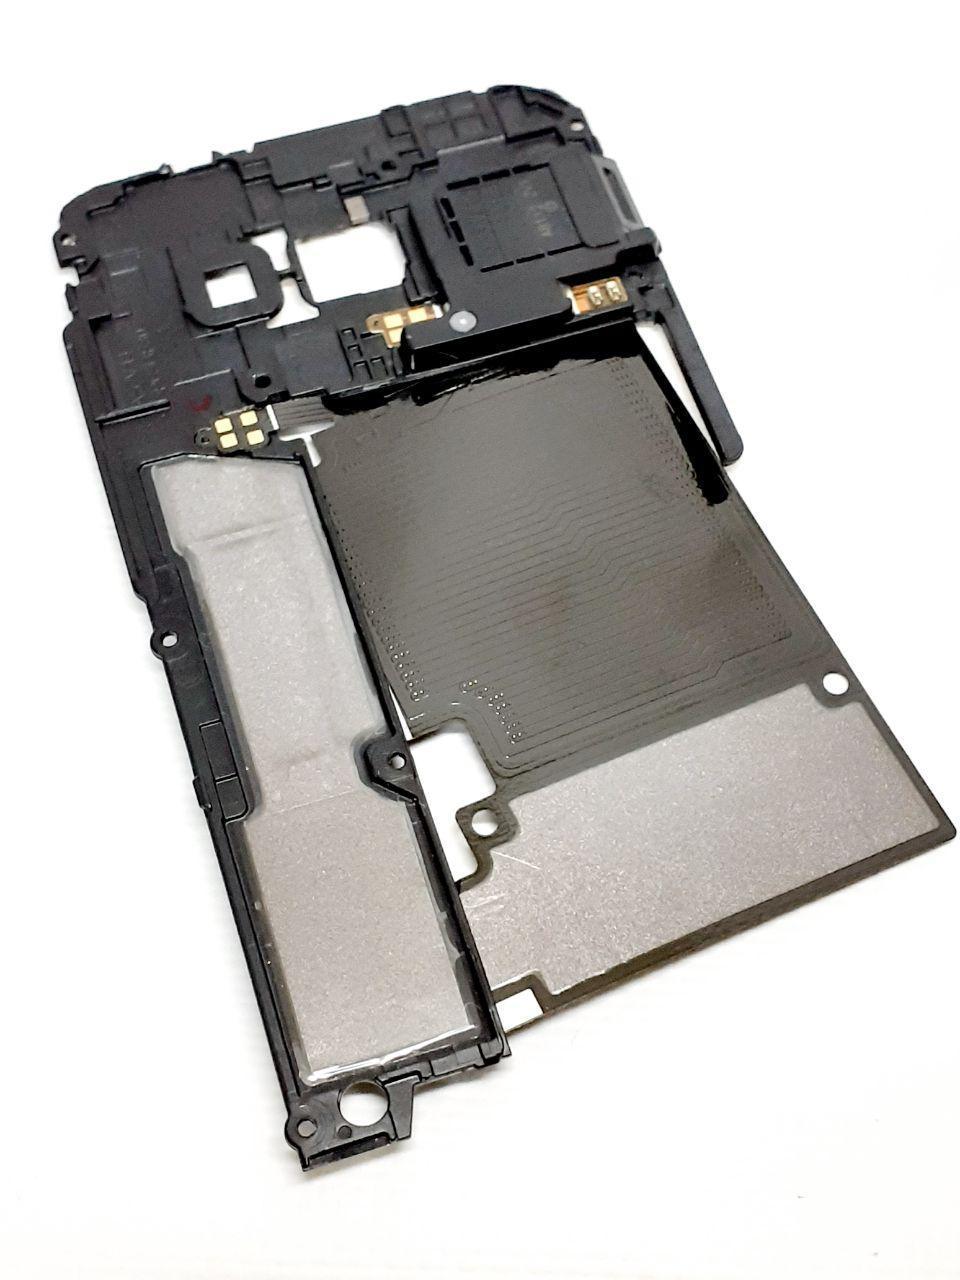 Полифонический динамик в корпусе с платой  NFC  Samsung Galaxy A5  2017  A520F оригинал б.у.